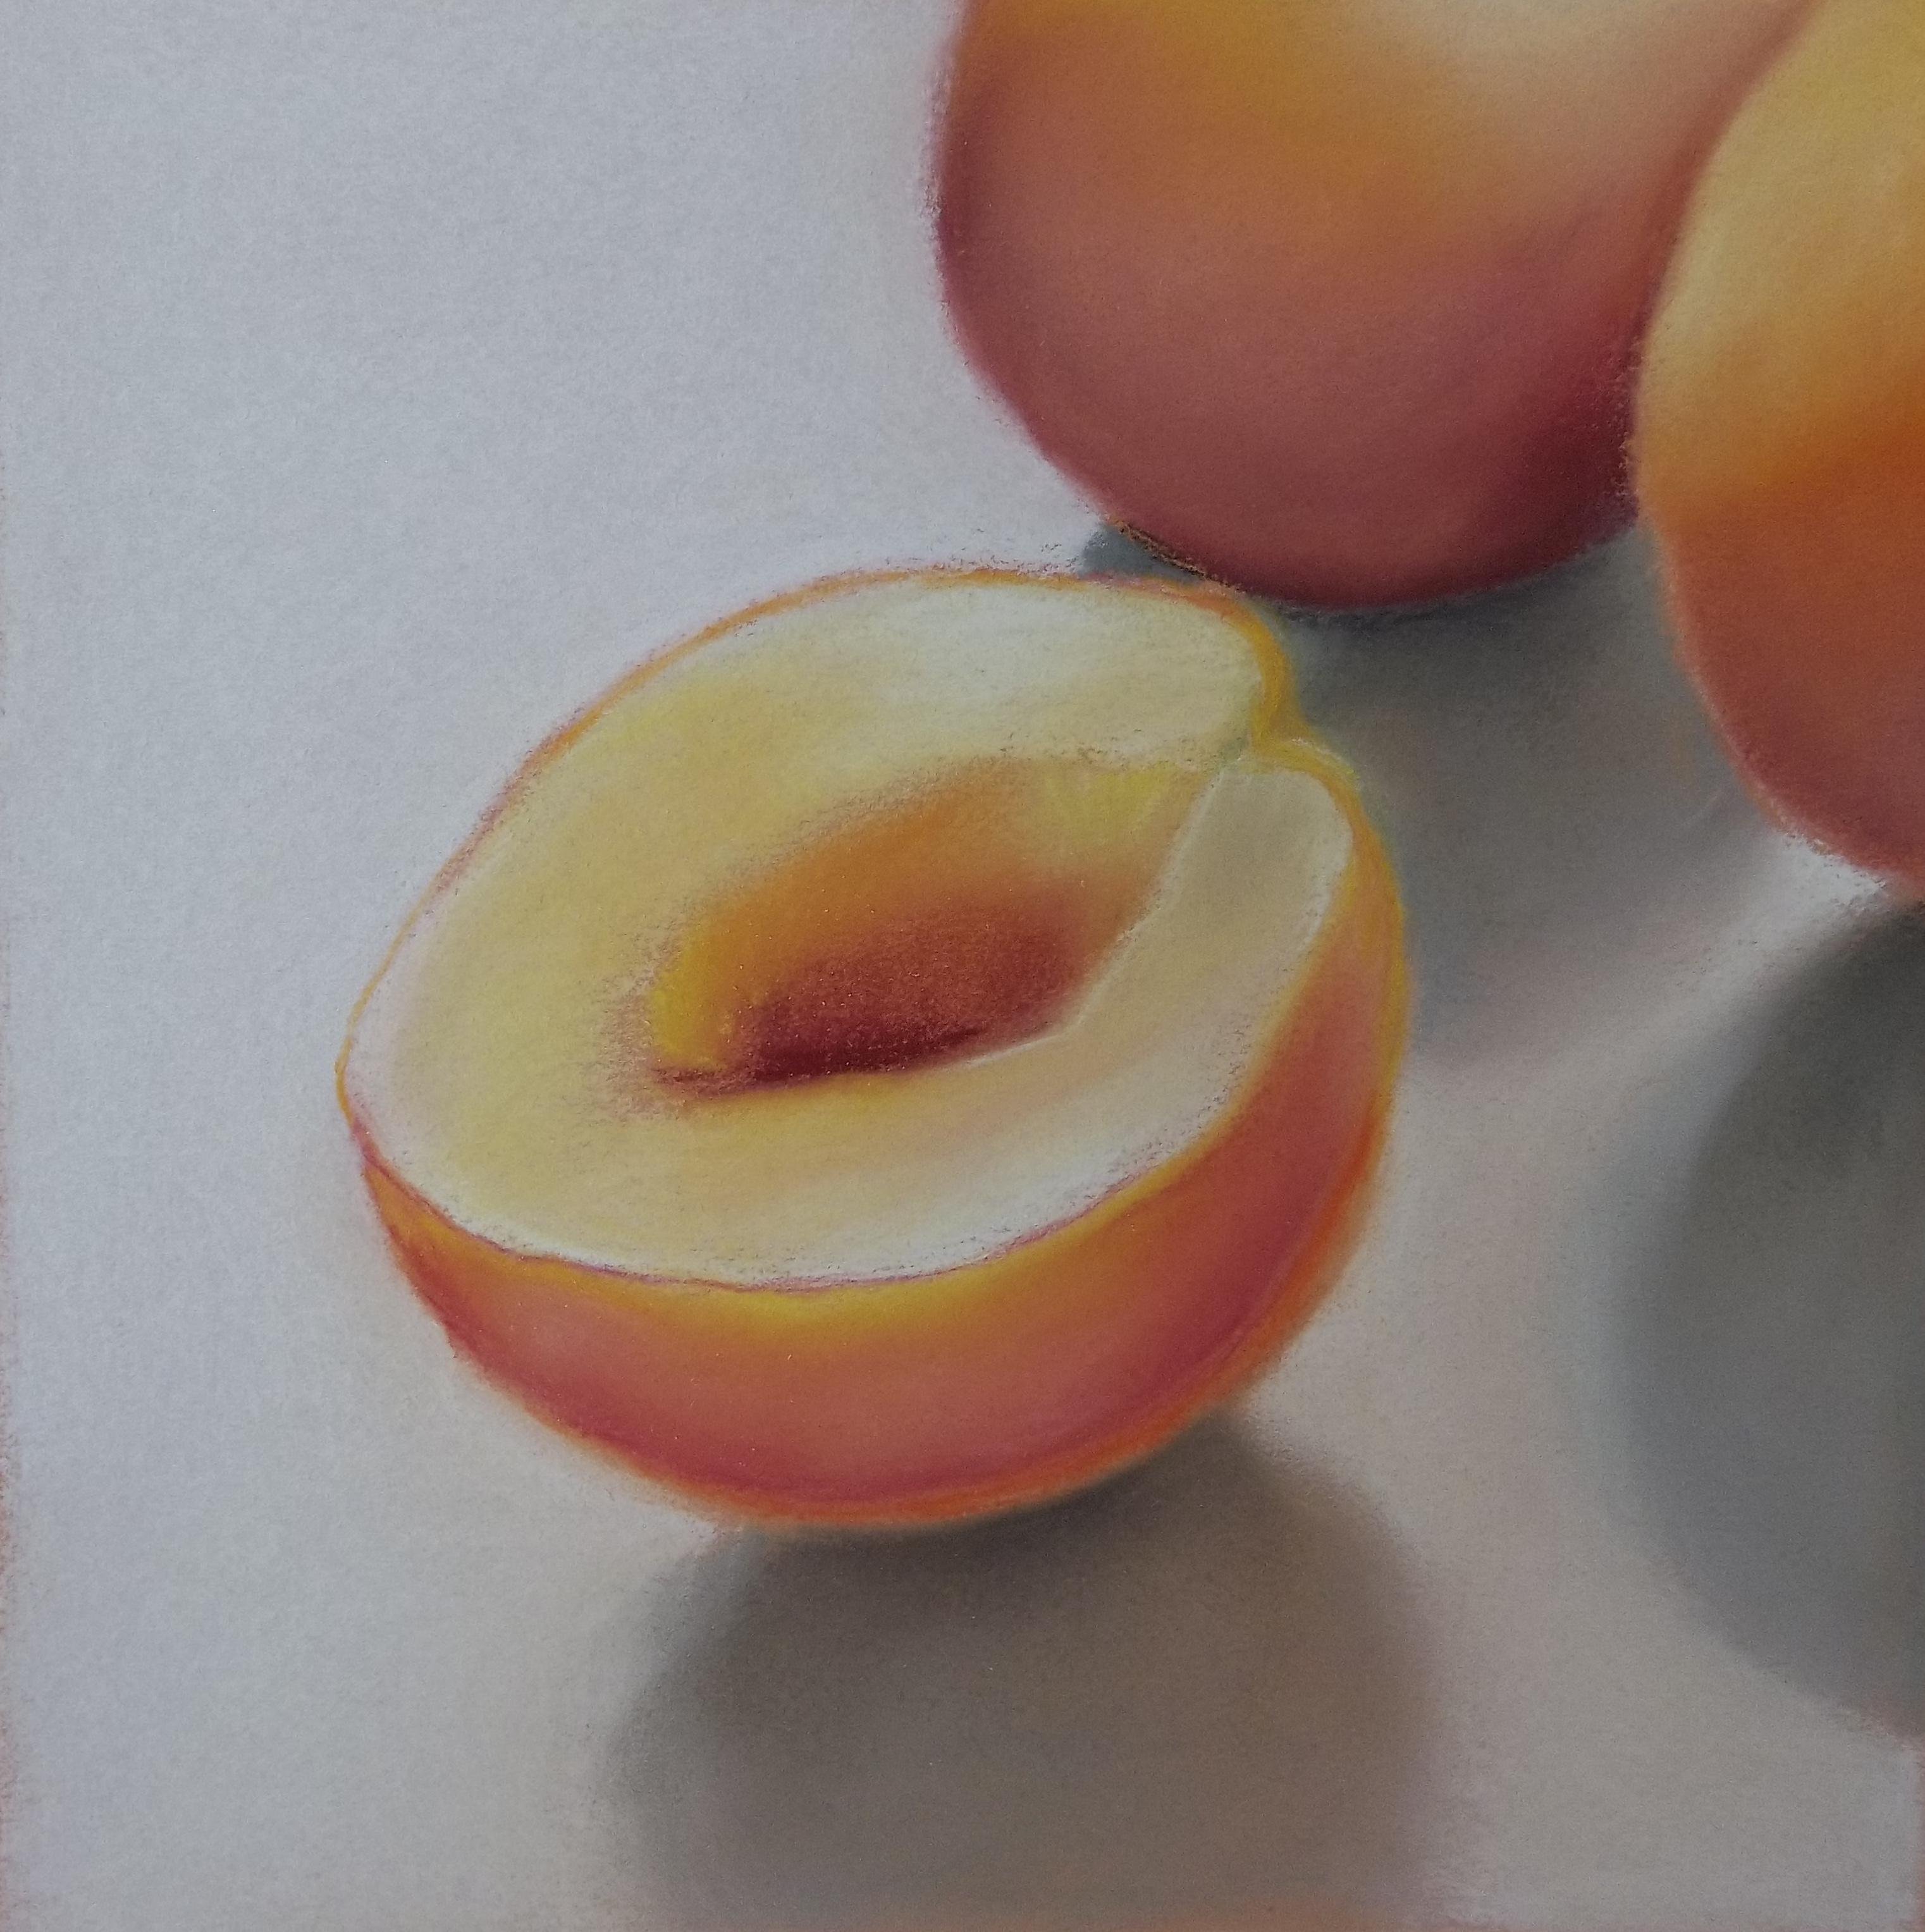 Half of a Peach